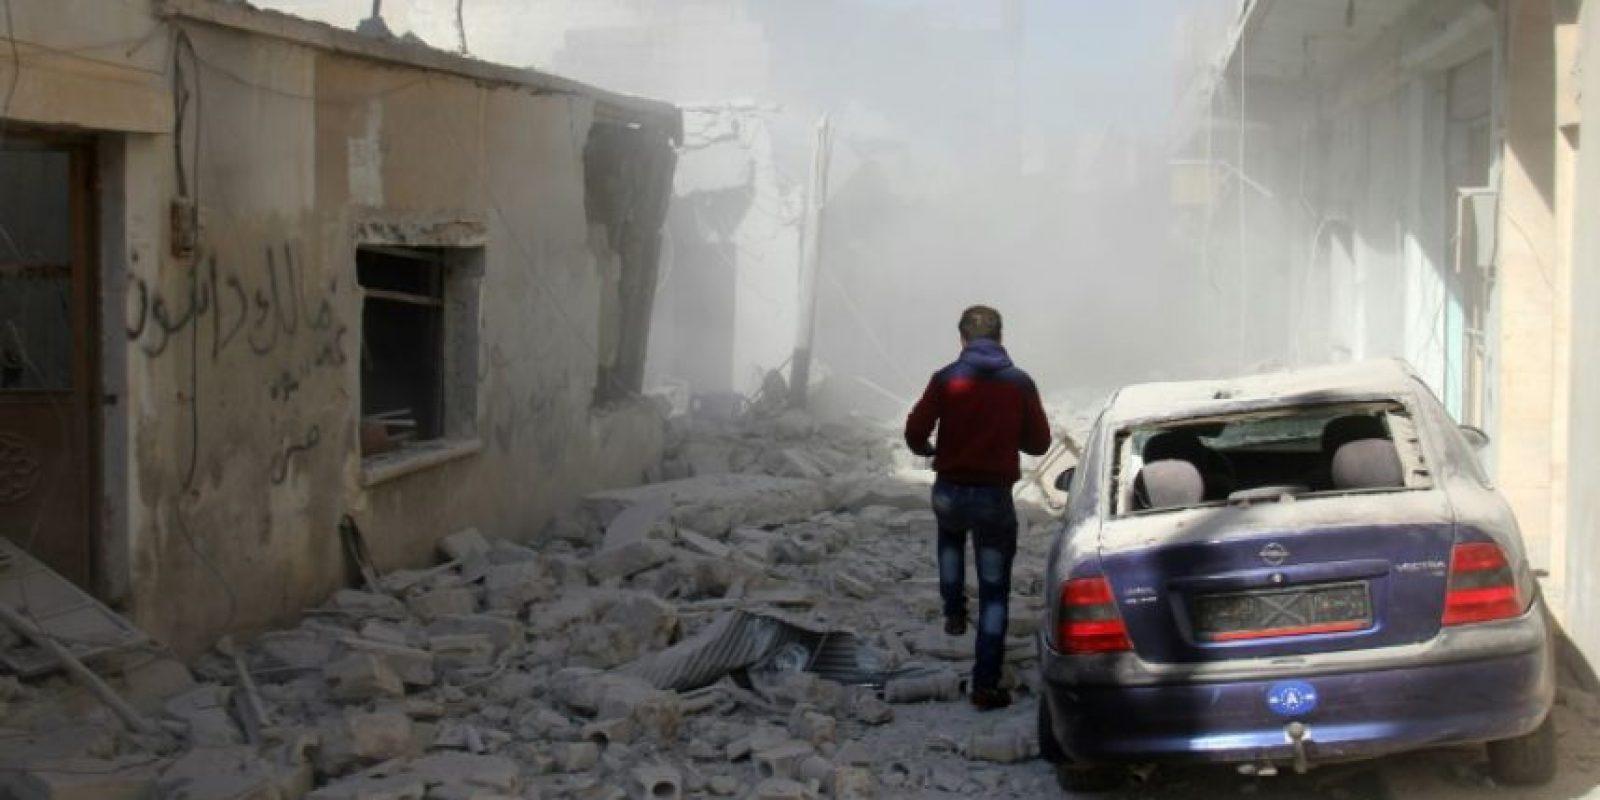 Un civil corre buscando refugio entre edificios destruidos en Bench, a las afueras de Idlib, tras ataques aéreos sirios y rusos, el 22 de noviembre de 2016 Foto:Omar haj kadour/afp.com